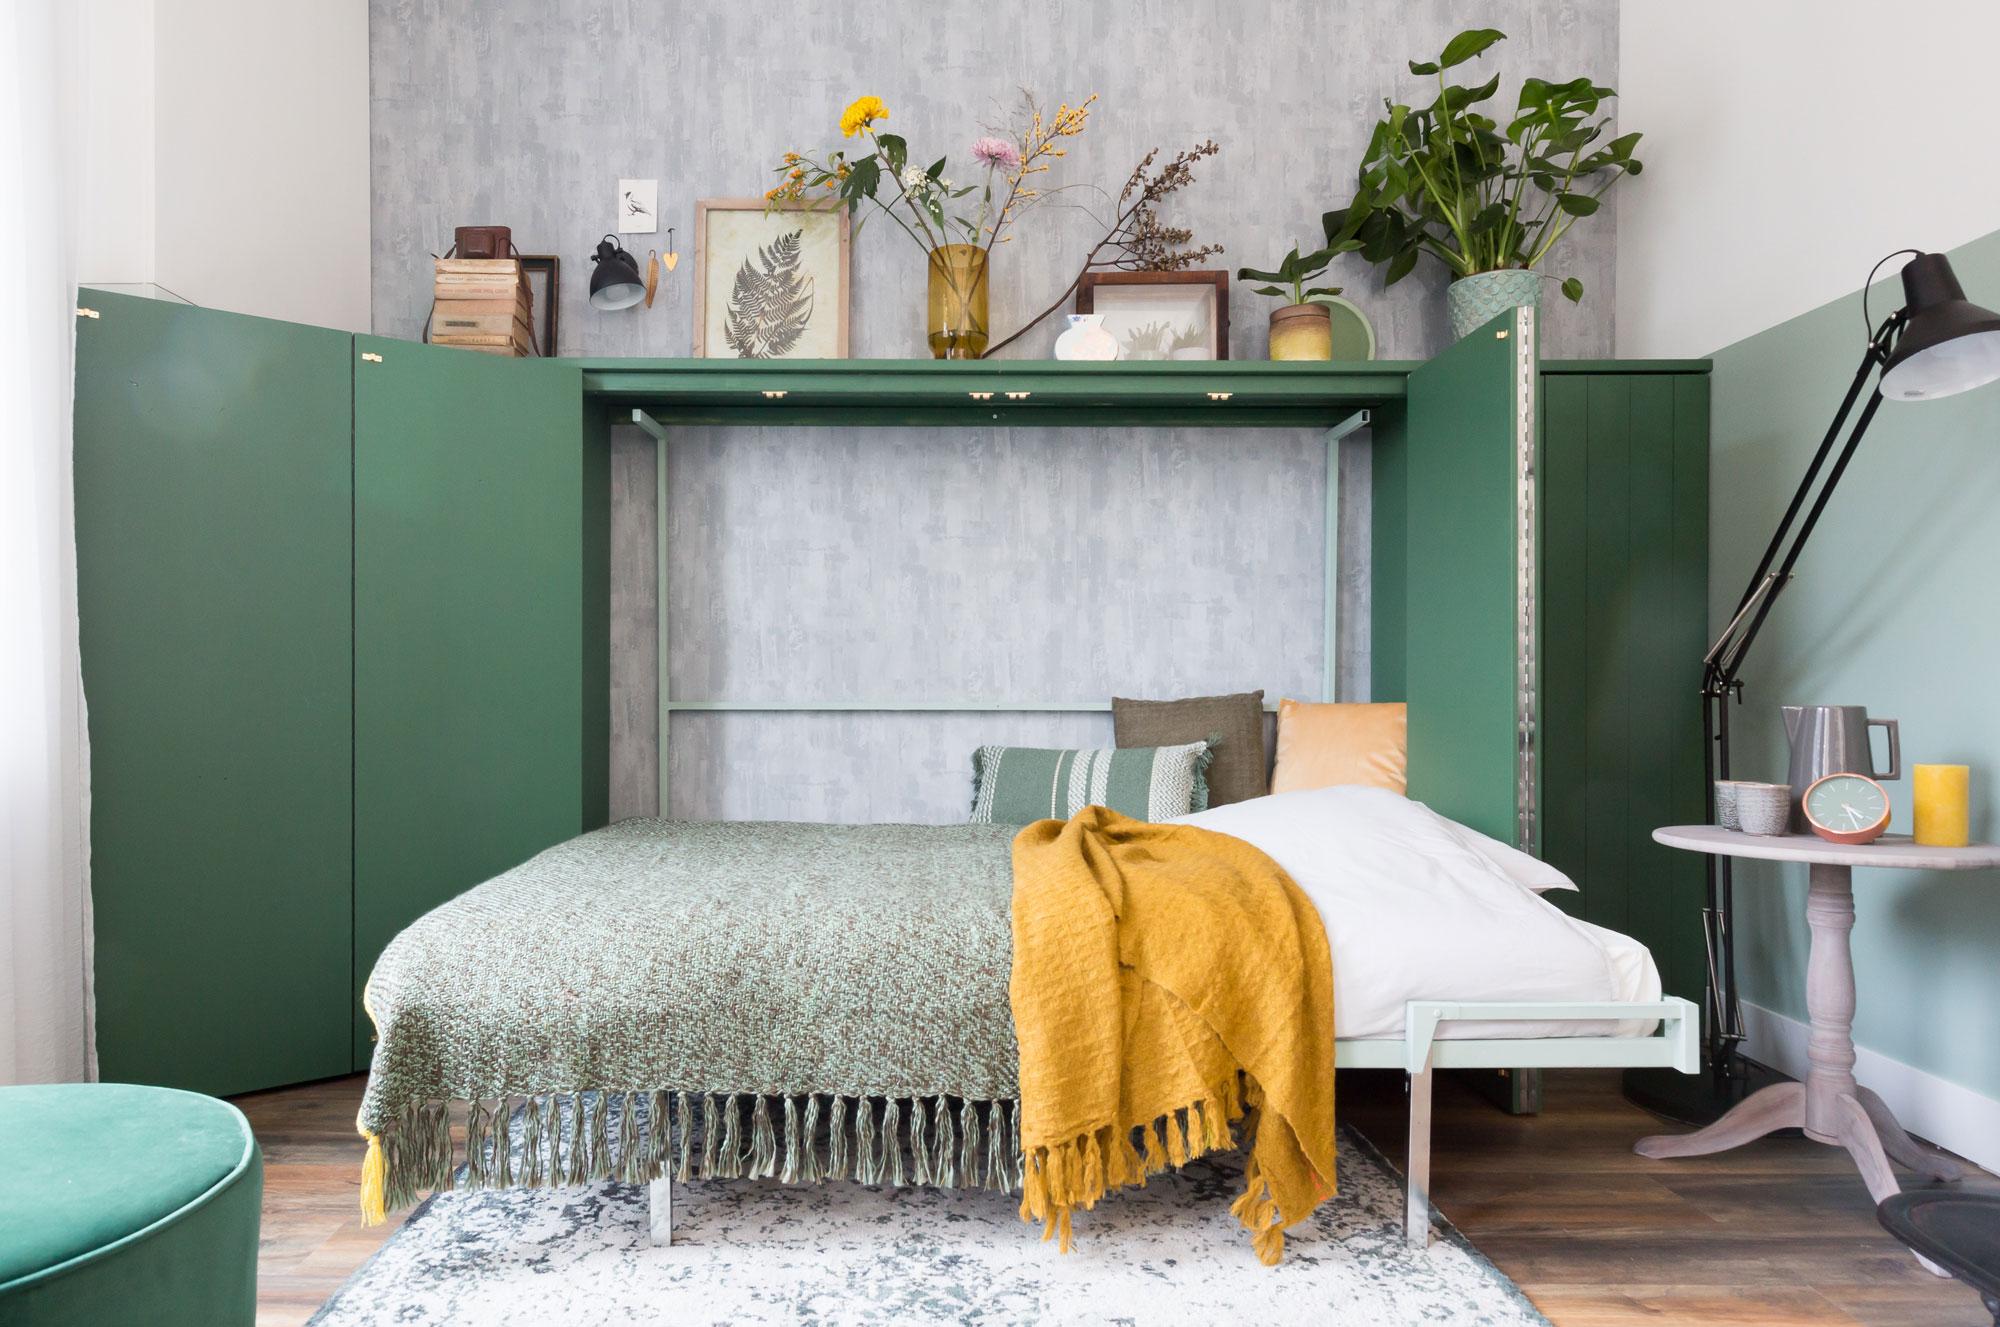 Bed-kast